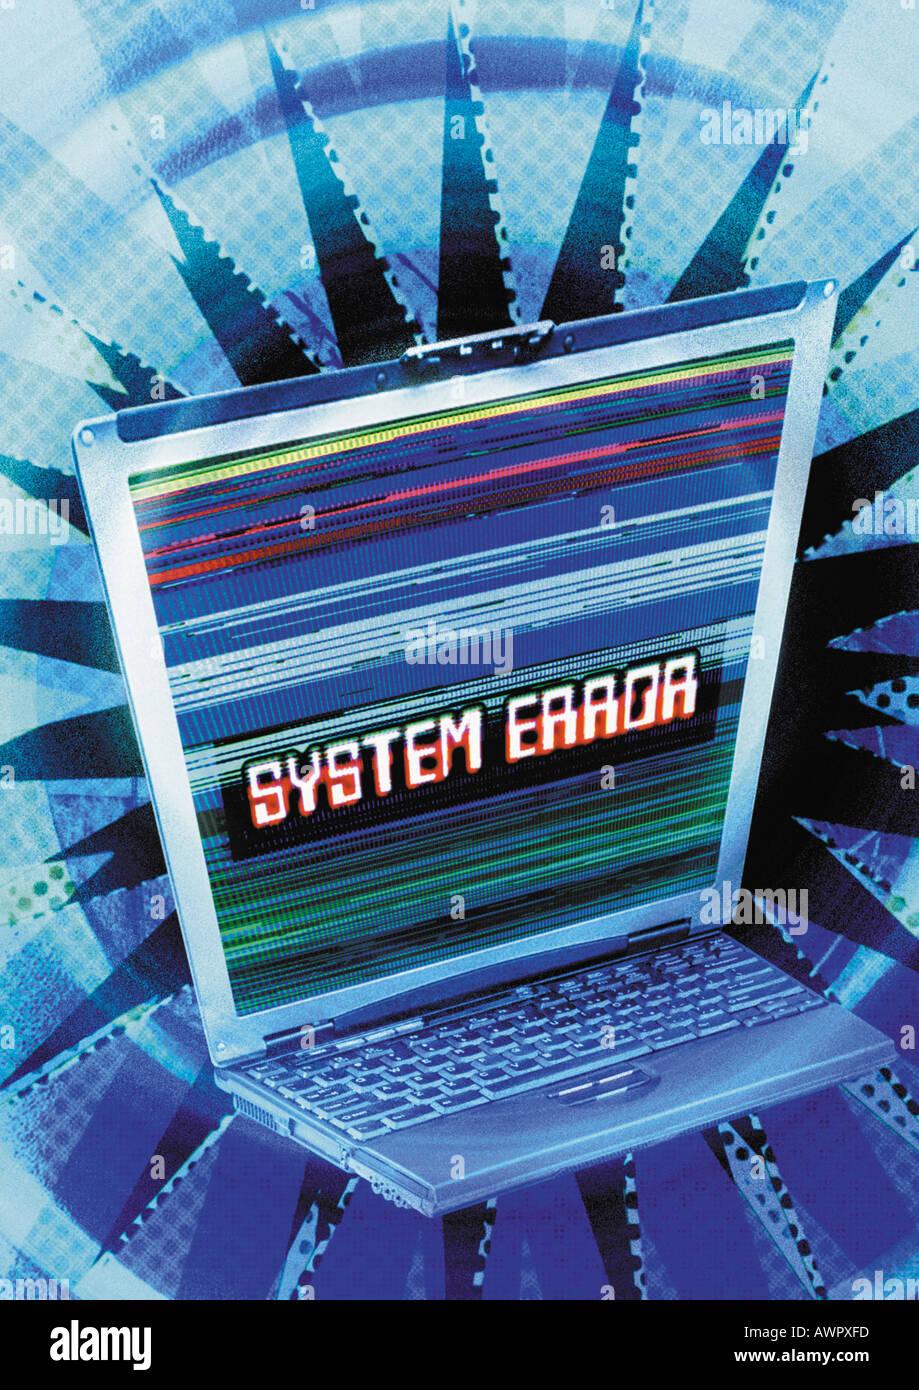 """Laptop im Cyberspace, """"Systemfehler"""" Meldung auf dem Bildschirm, digital Composite. Stockbild"""